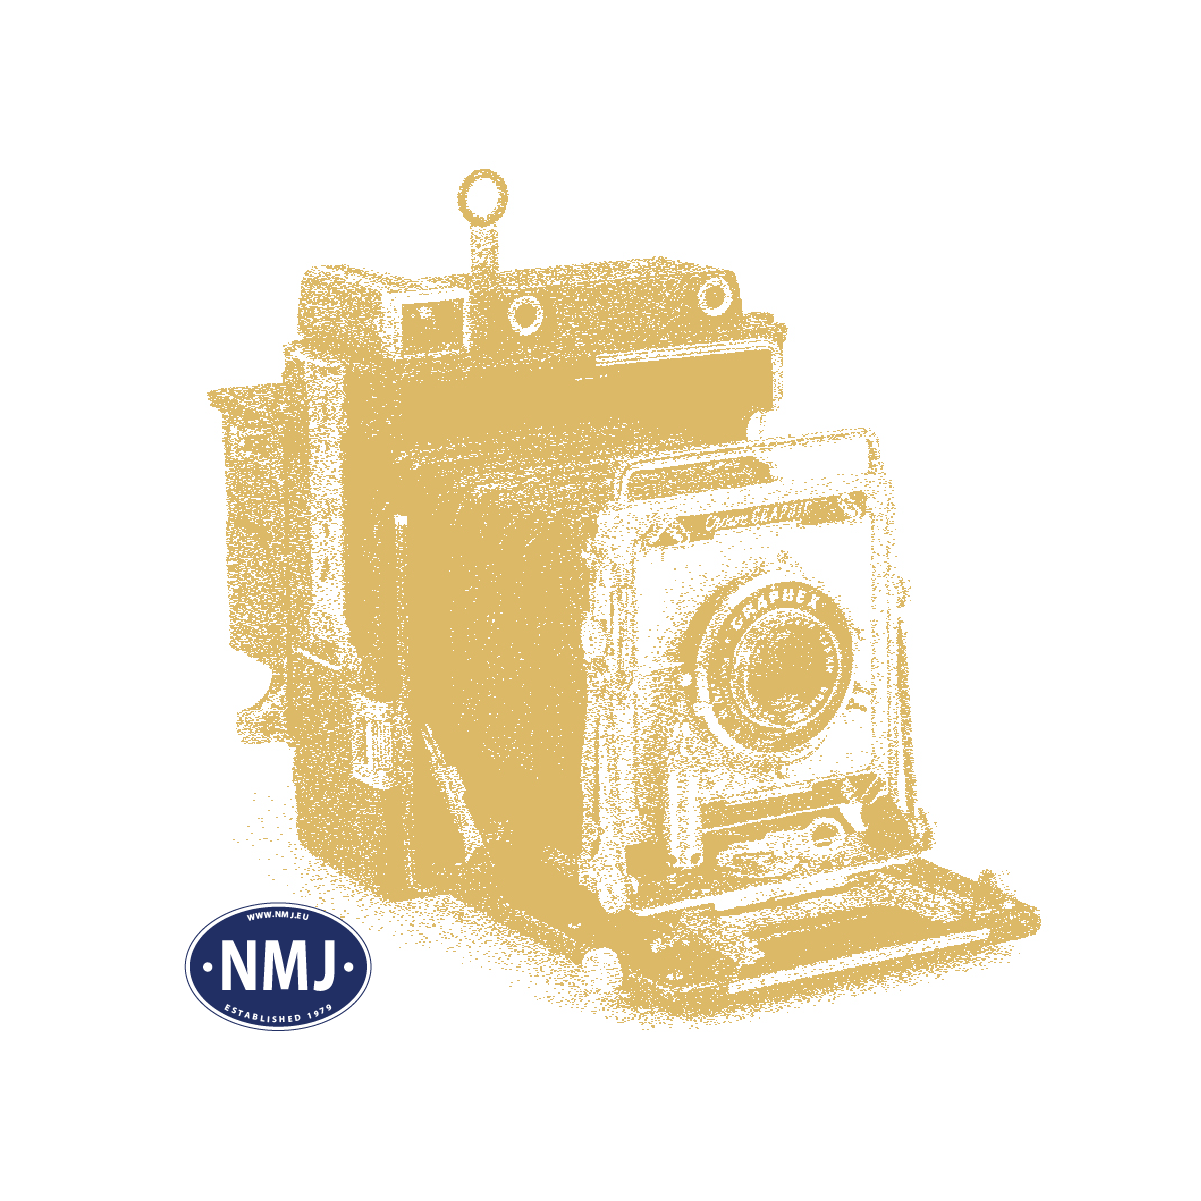 NMJT403.104 - MAV-Start CAF Personvogn Bpmz  61 55 20-91 113-7